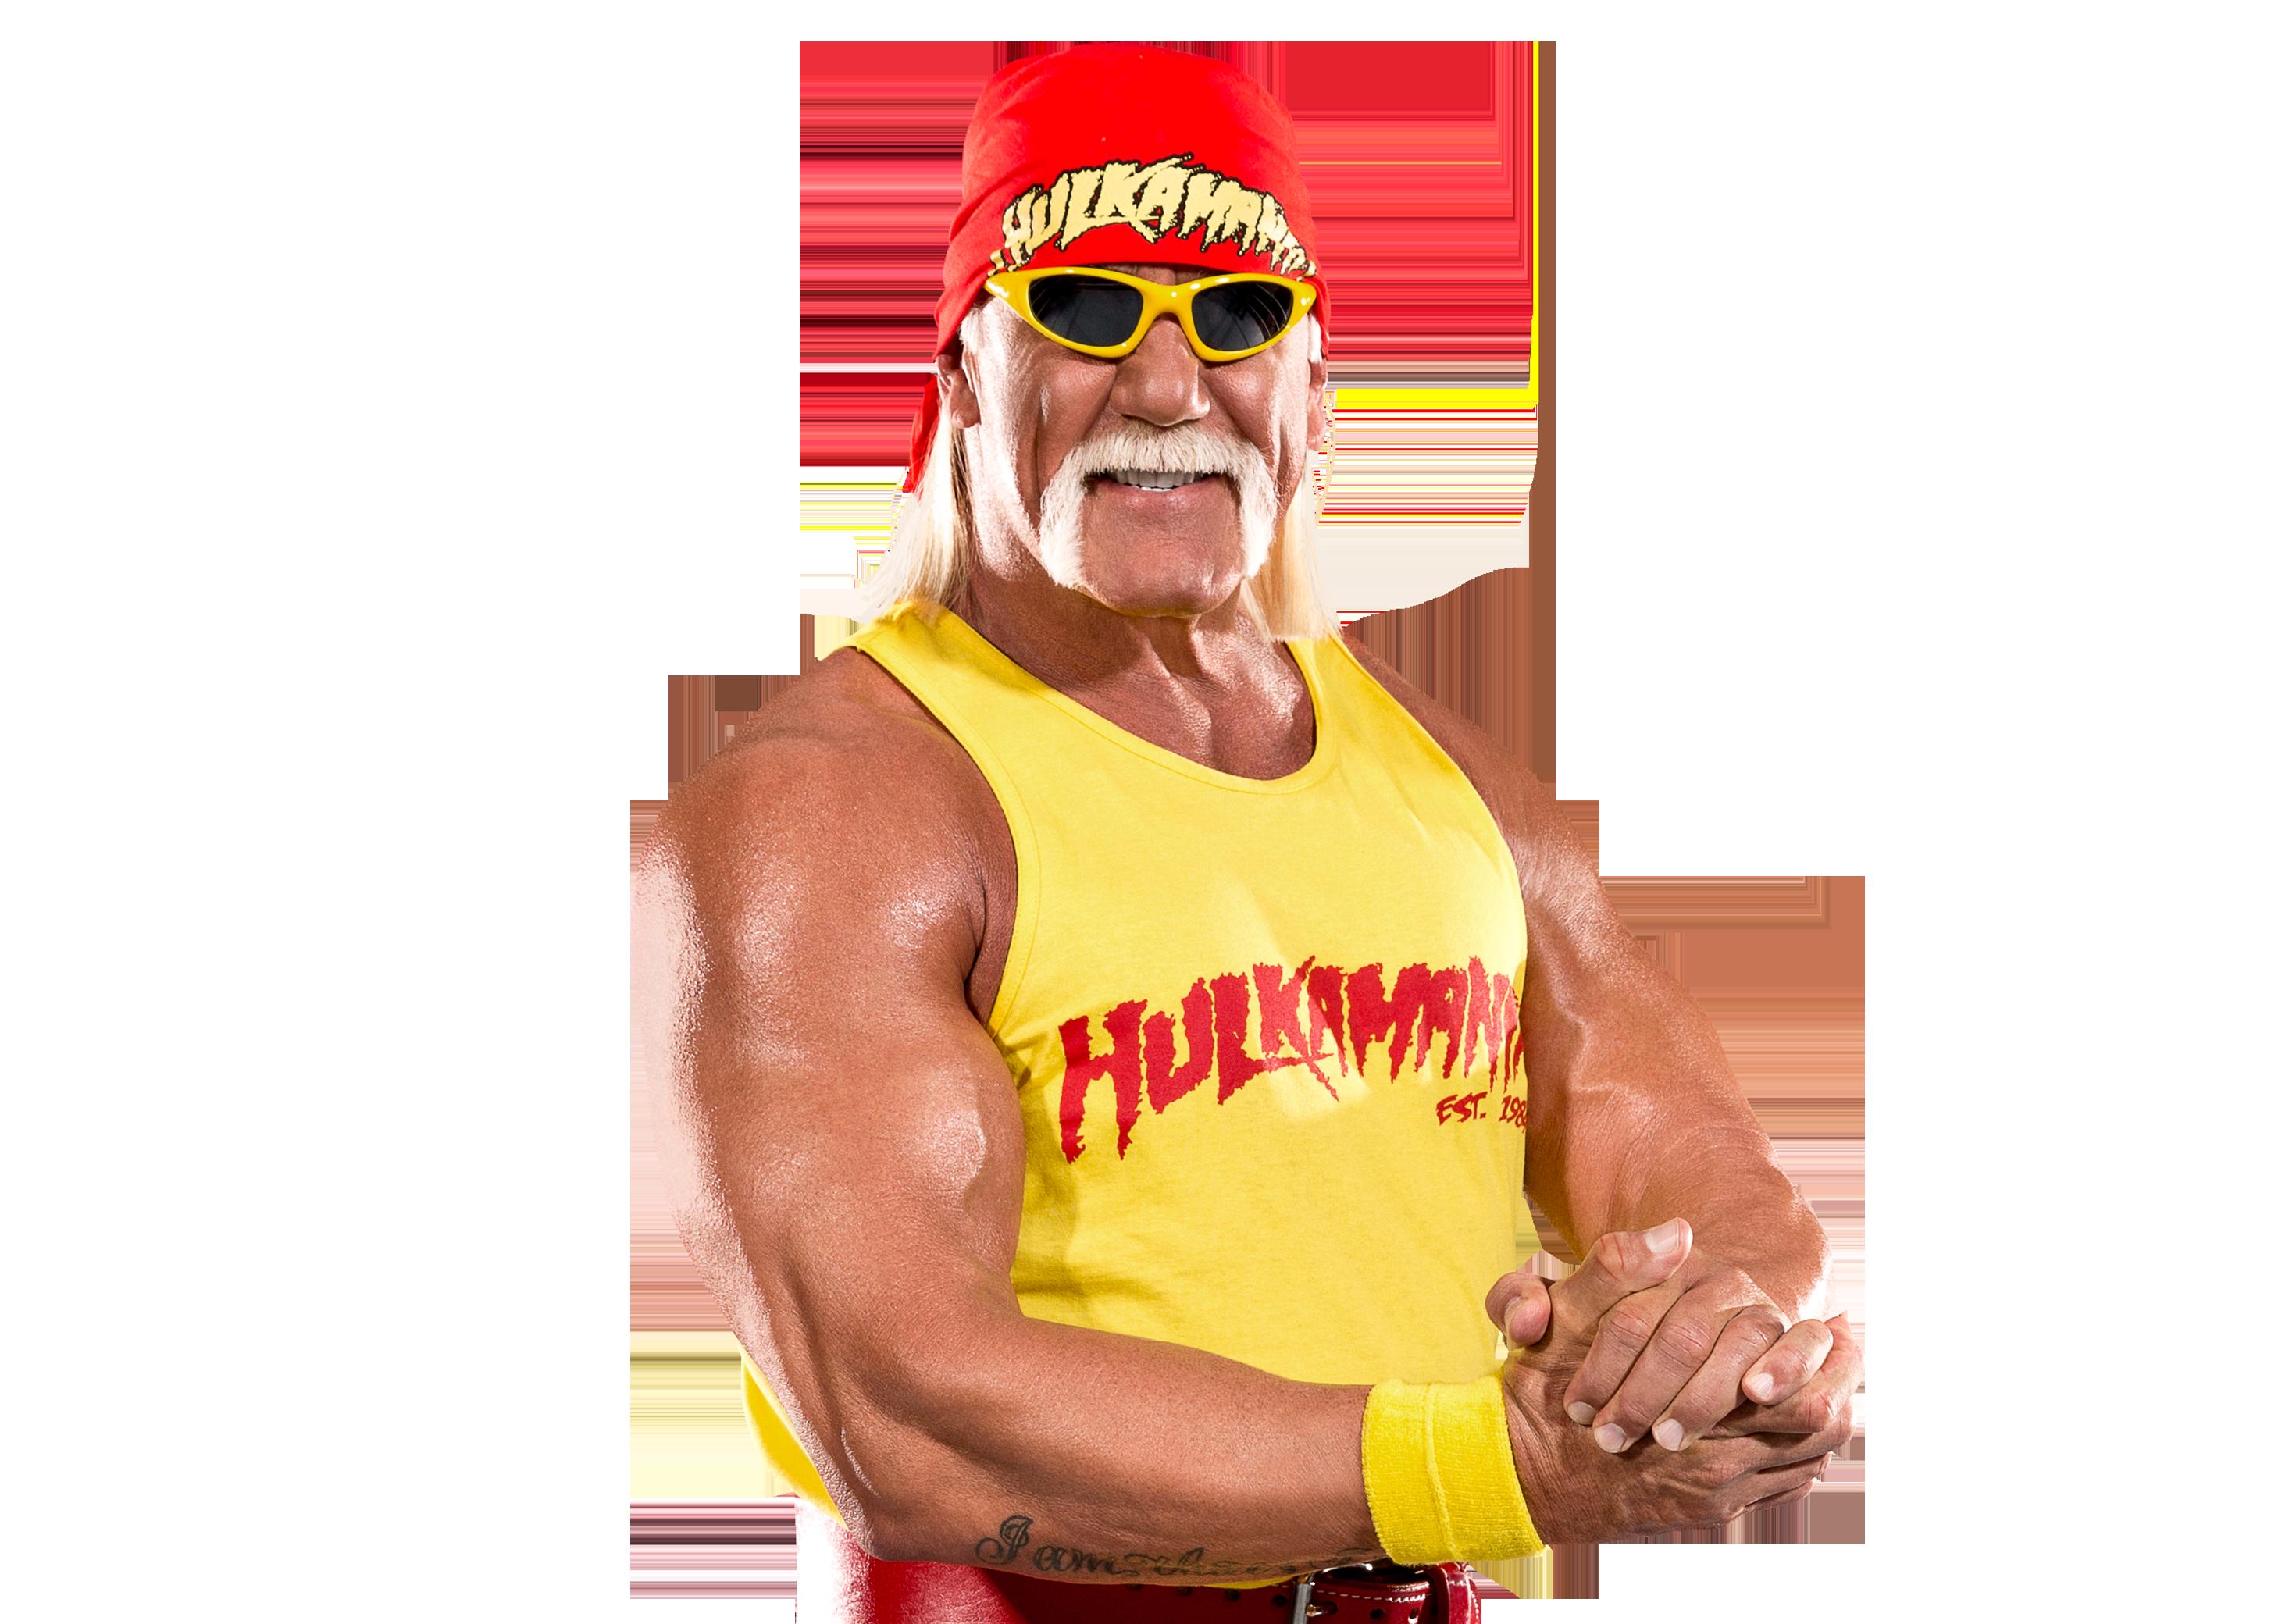 Home Hulk Hogan Wwe Hulk Hogan Hulk